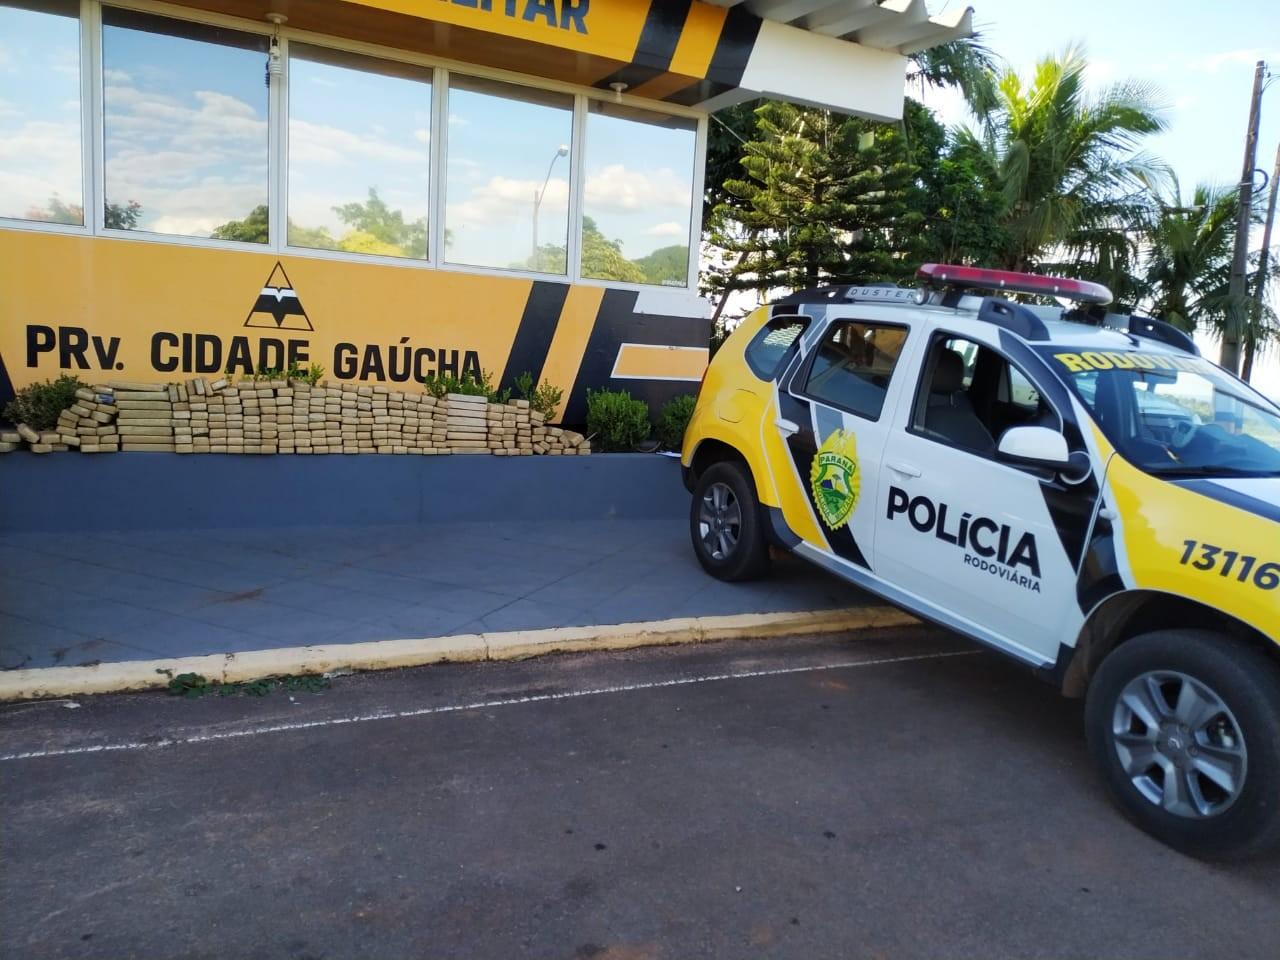 PRE encontra carro abandonado com 280 Kg de maconha